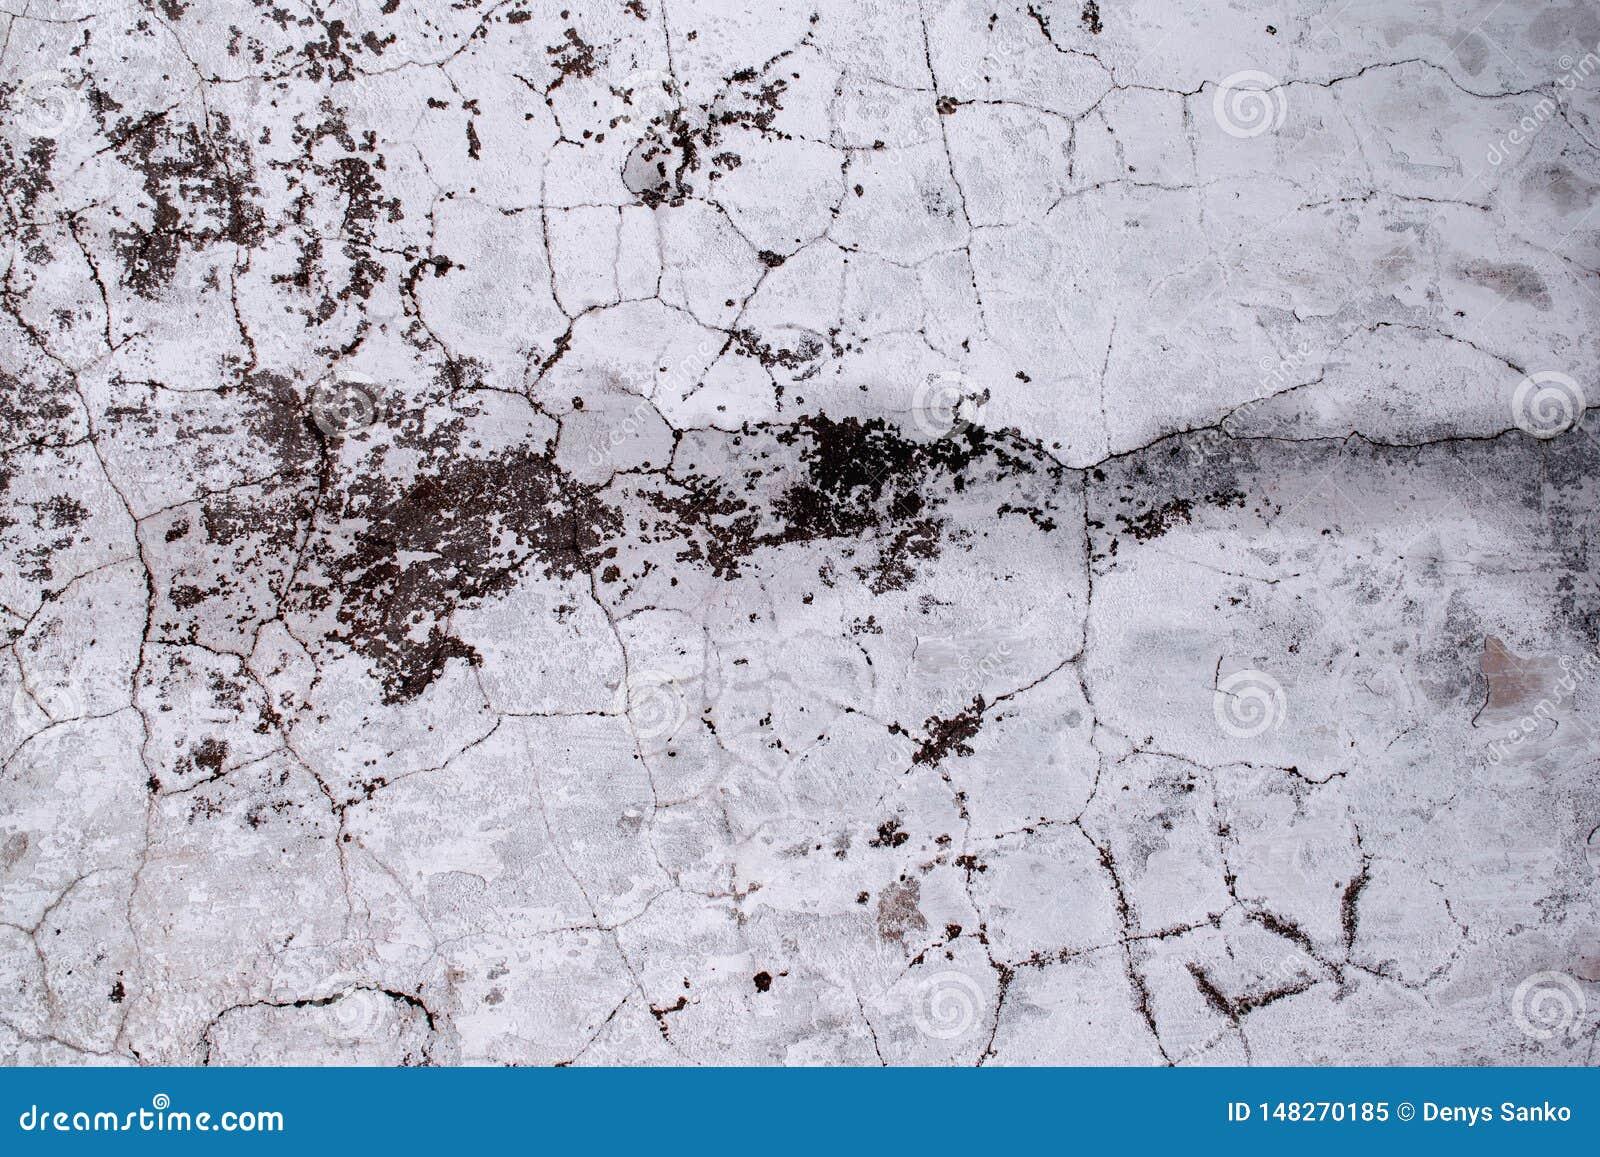 La texture du vieux mur en béton est couverte de fissures et de taches de moule, fond minable Papier peint grunge de style